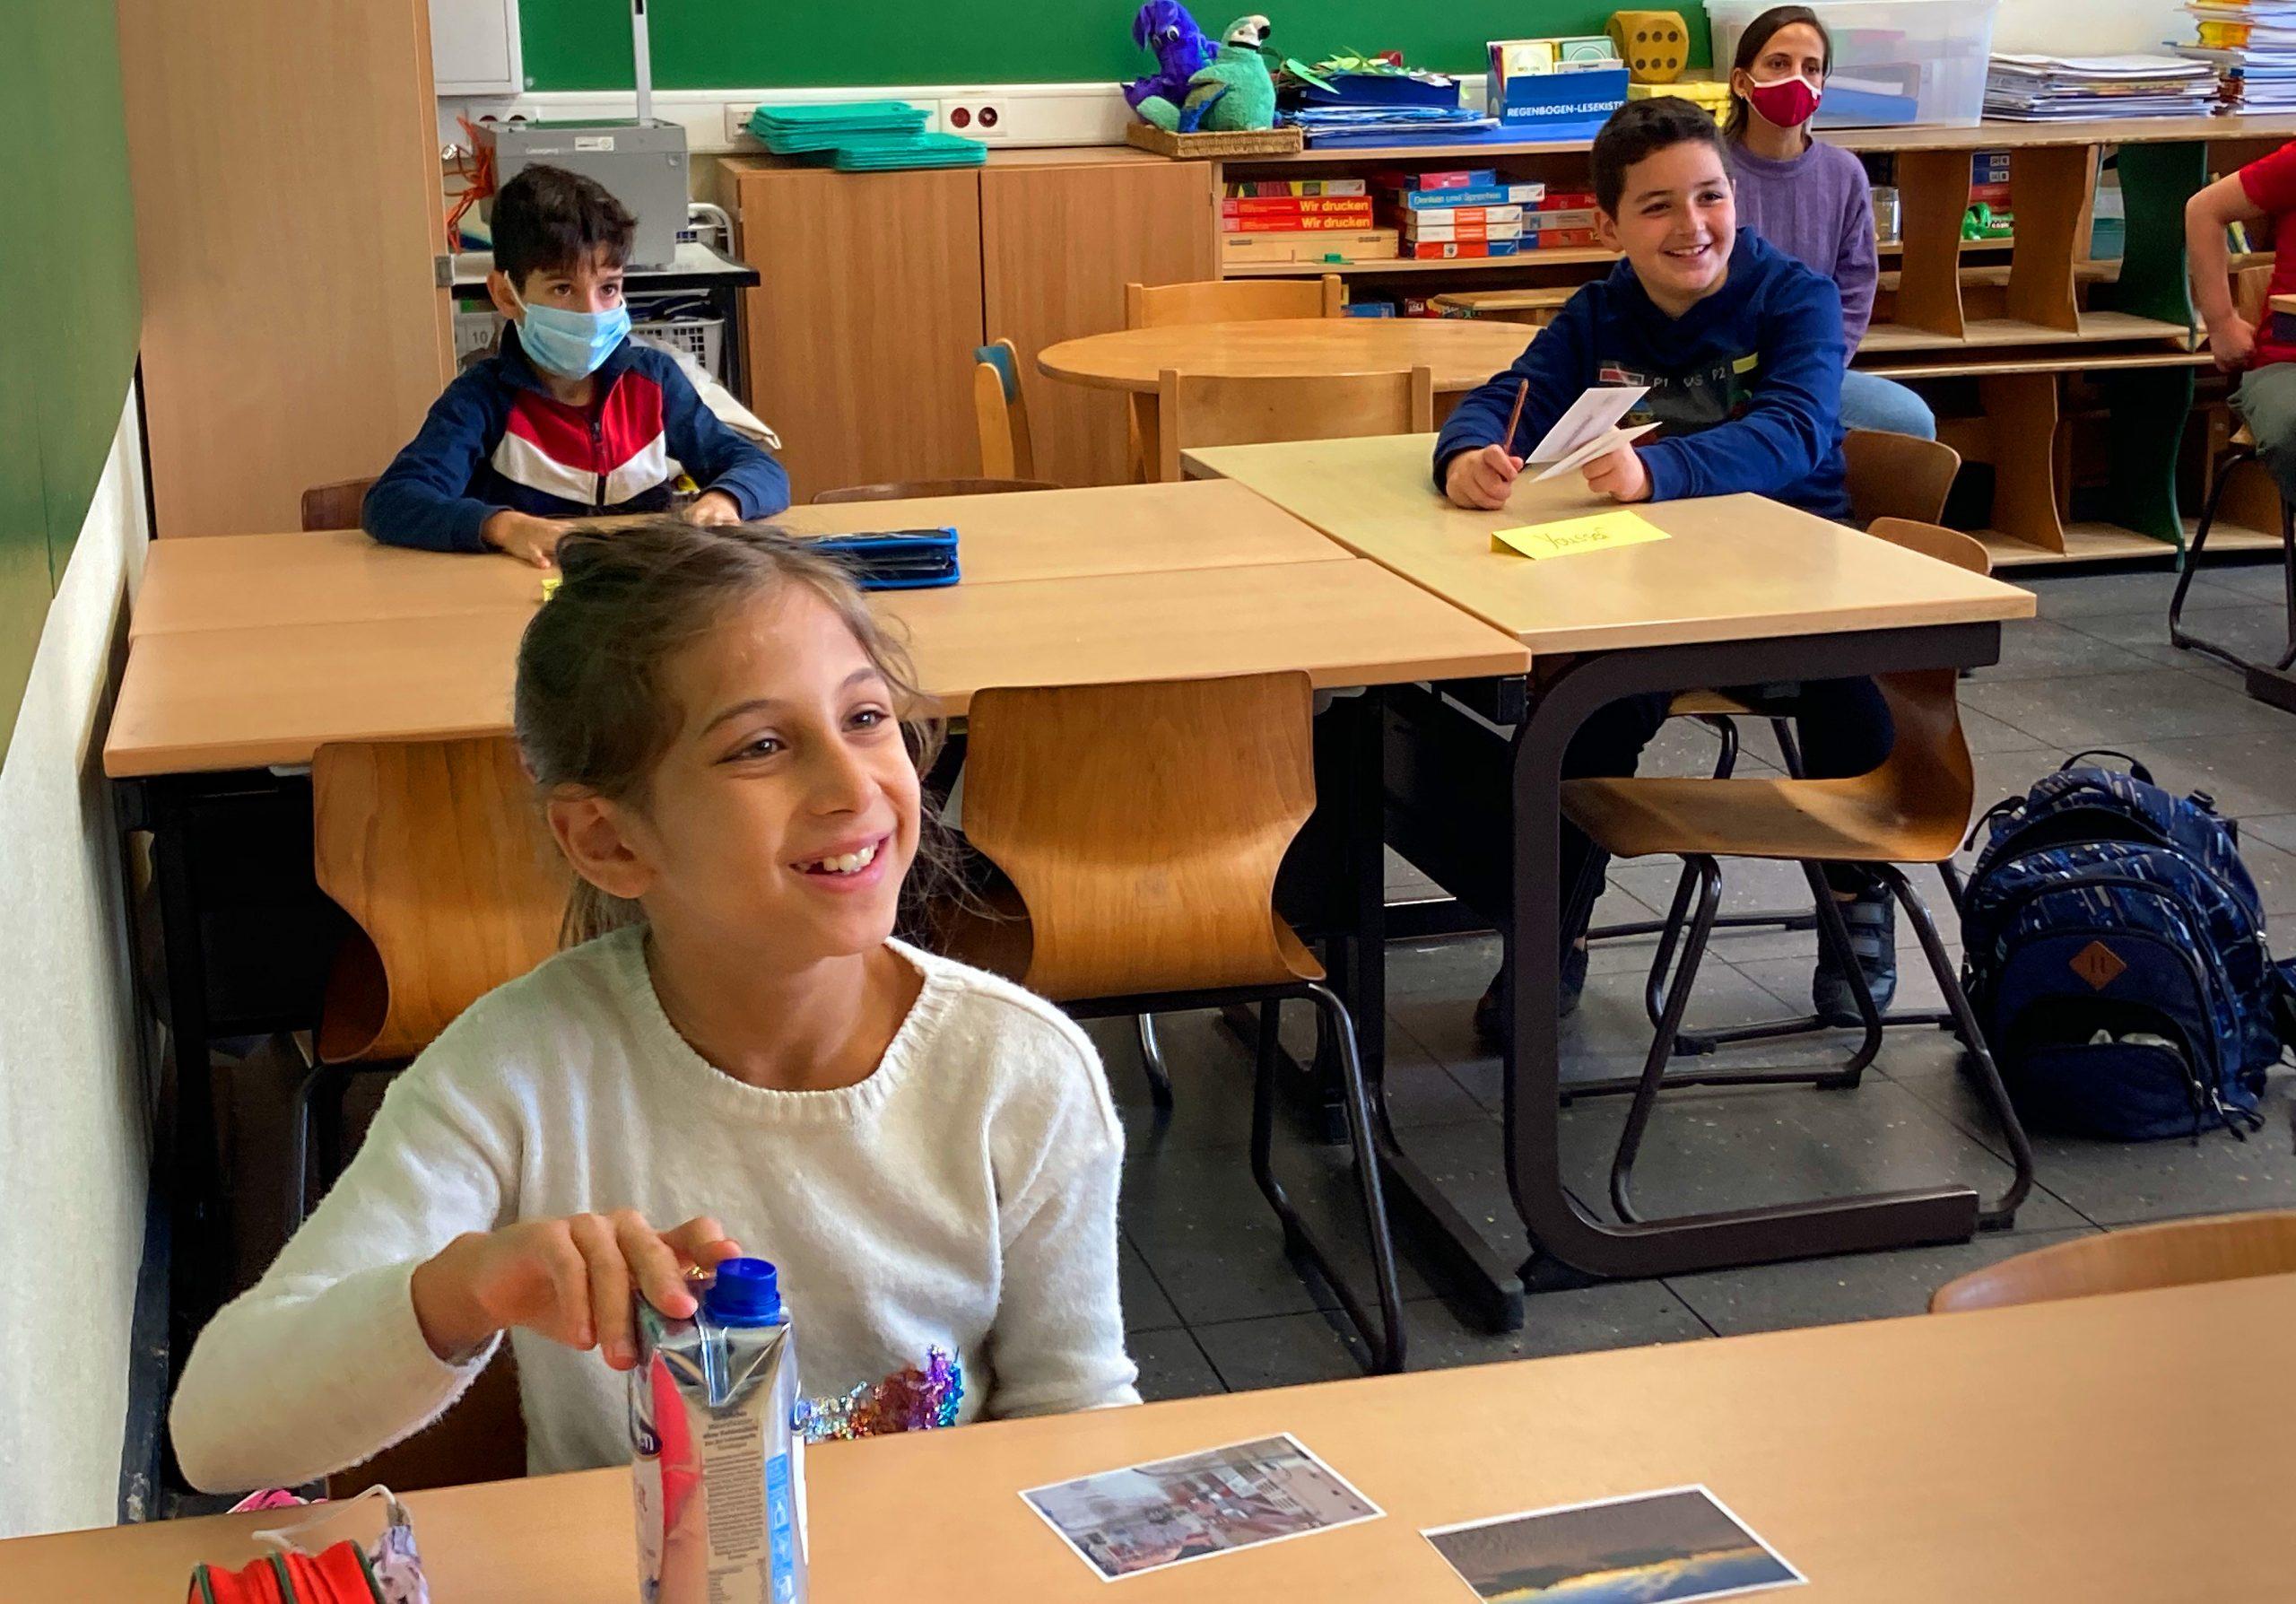 Mehrere Kinder sitzen an Tischen im Klassenzimmer